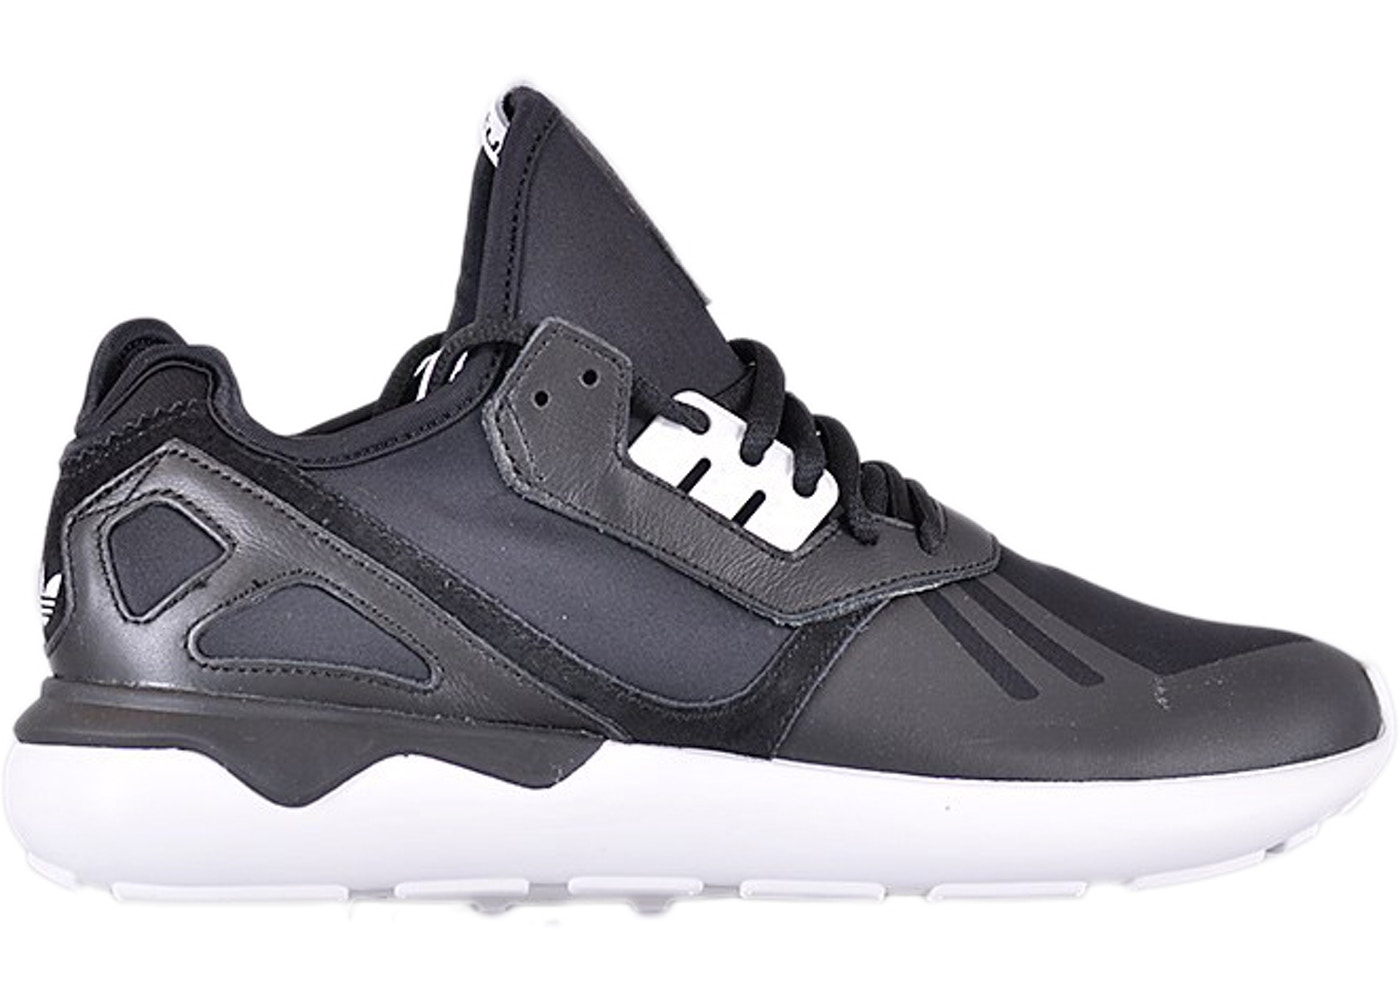 wholesale dealer d1925 0203e adidas Tubular Runner Core Black White